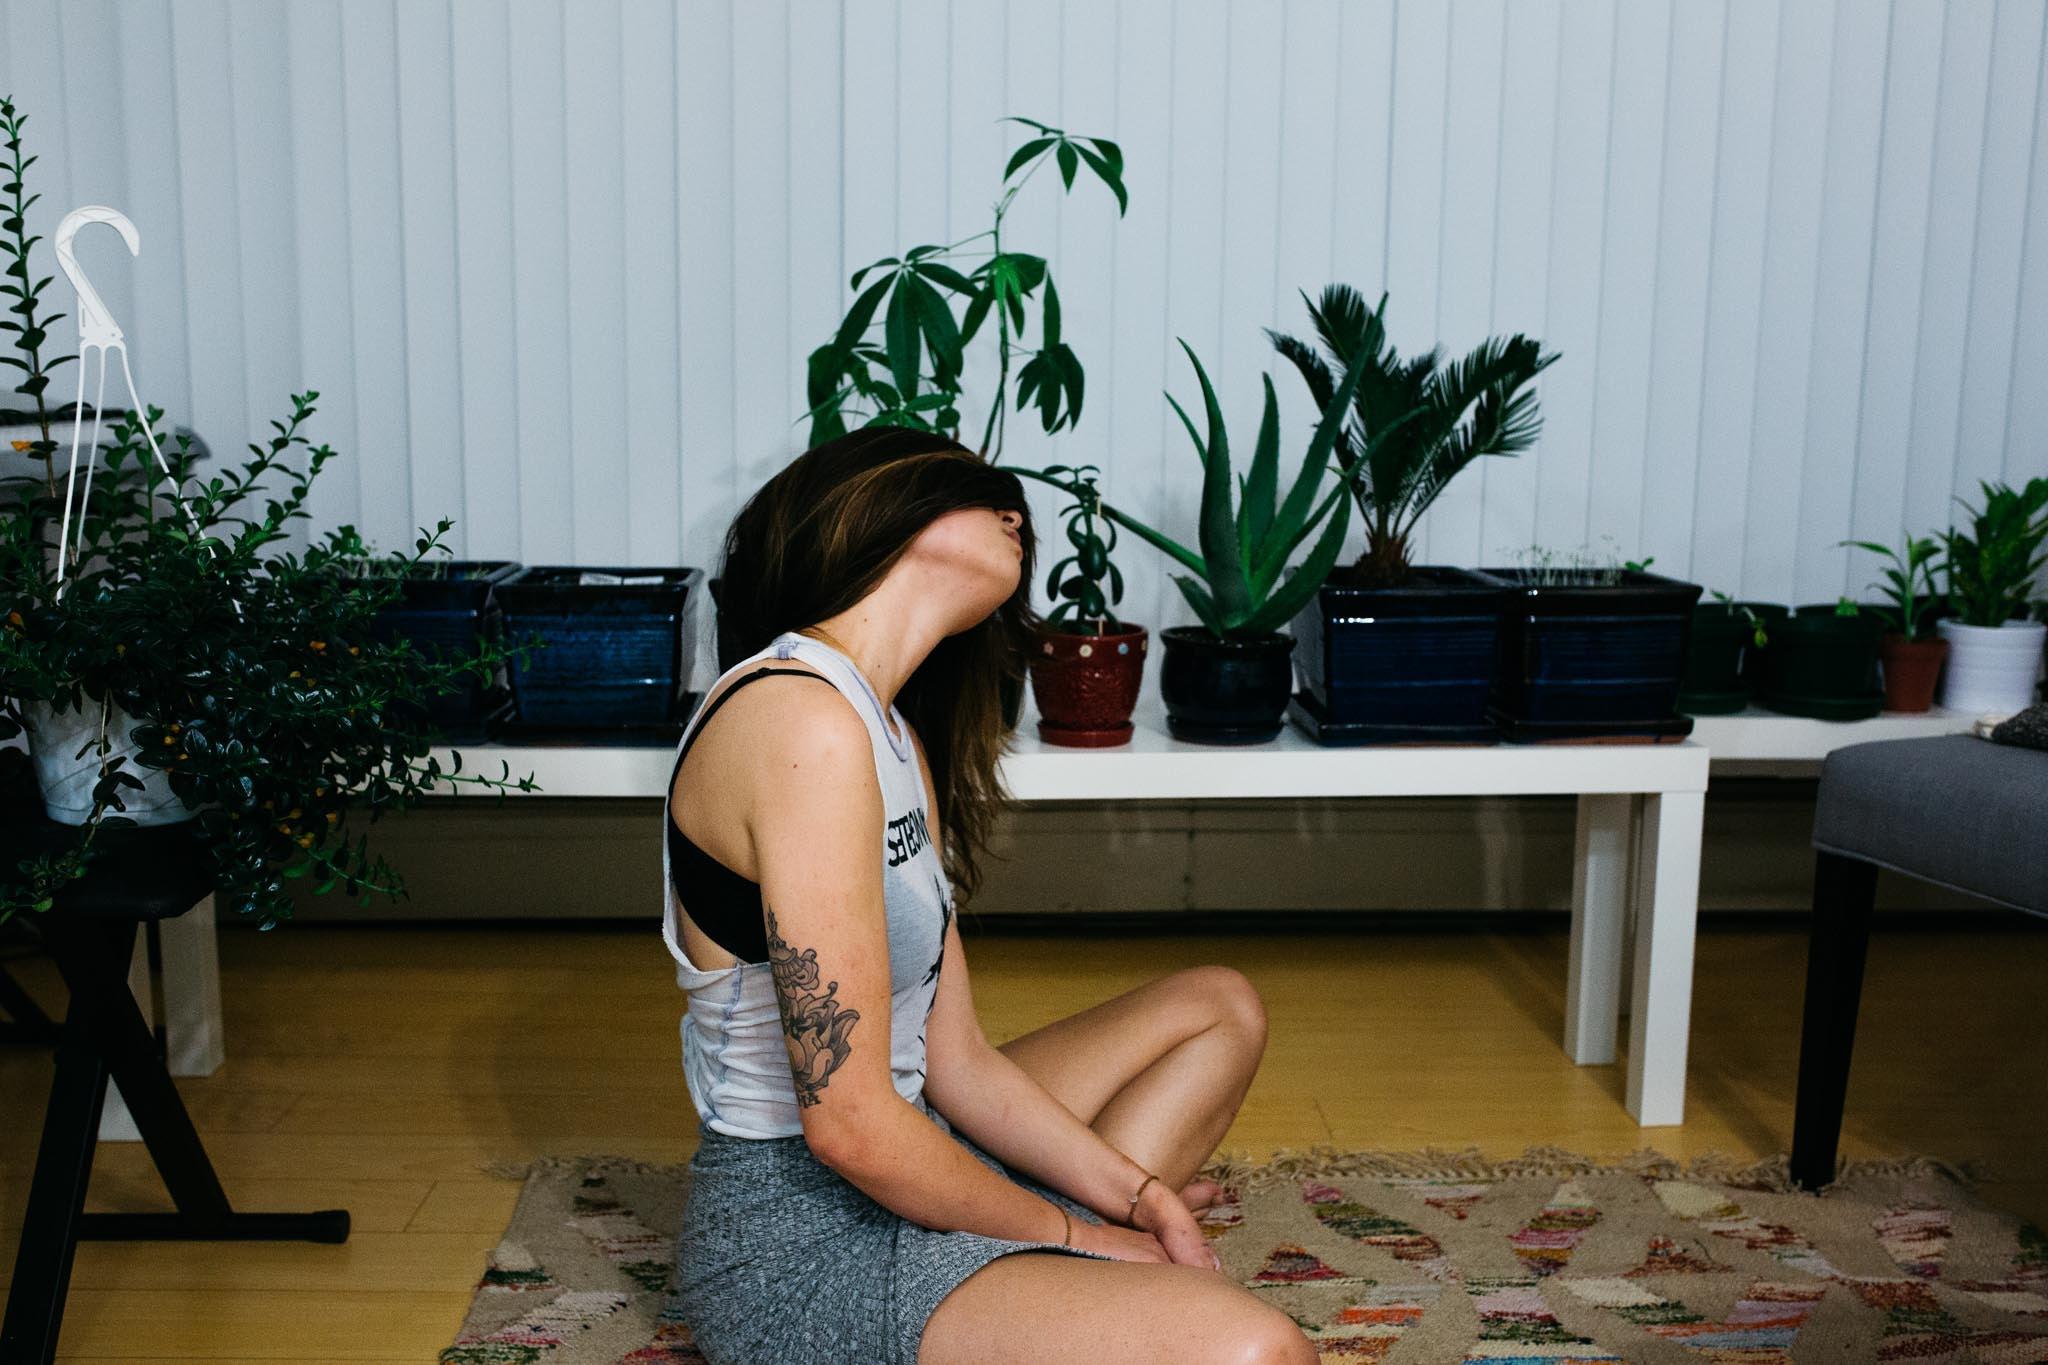 Image Lena Bell //  Unsplash